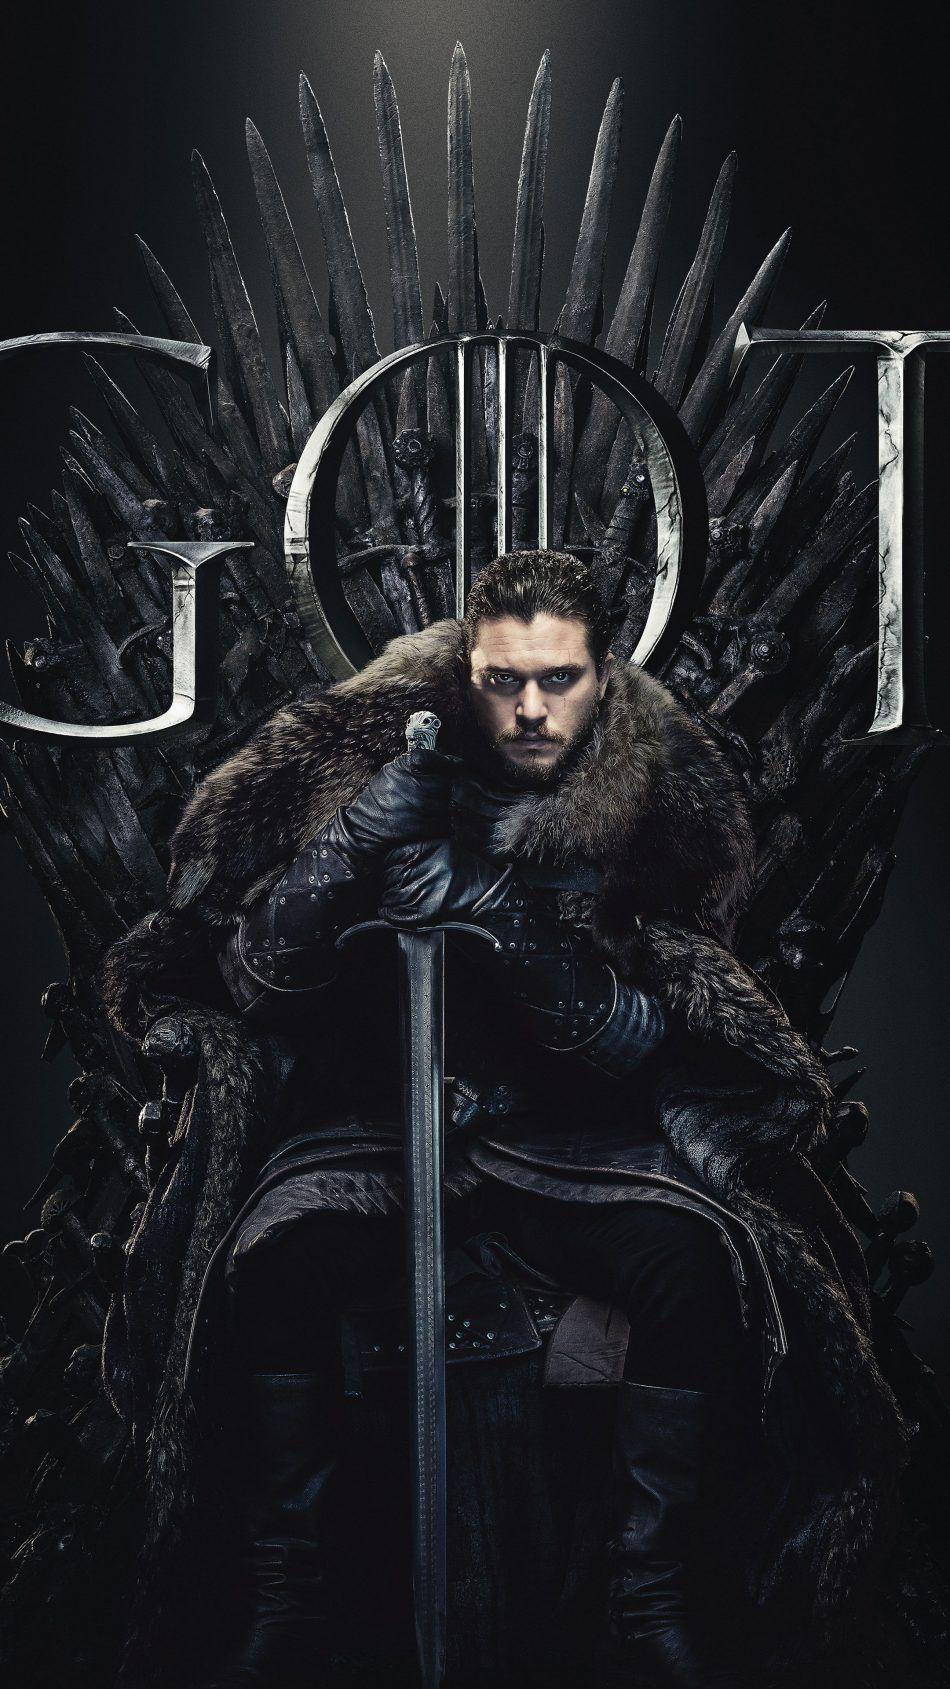 Jon Snow Game Of Thrones Season 8 4k Ultra Hd Mobile Wallpaper Game Of Thrones Poster Jon Snow Art Jon Snow Aesthetic